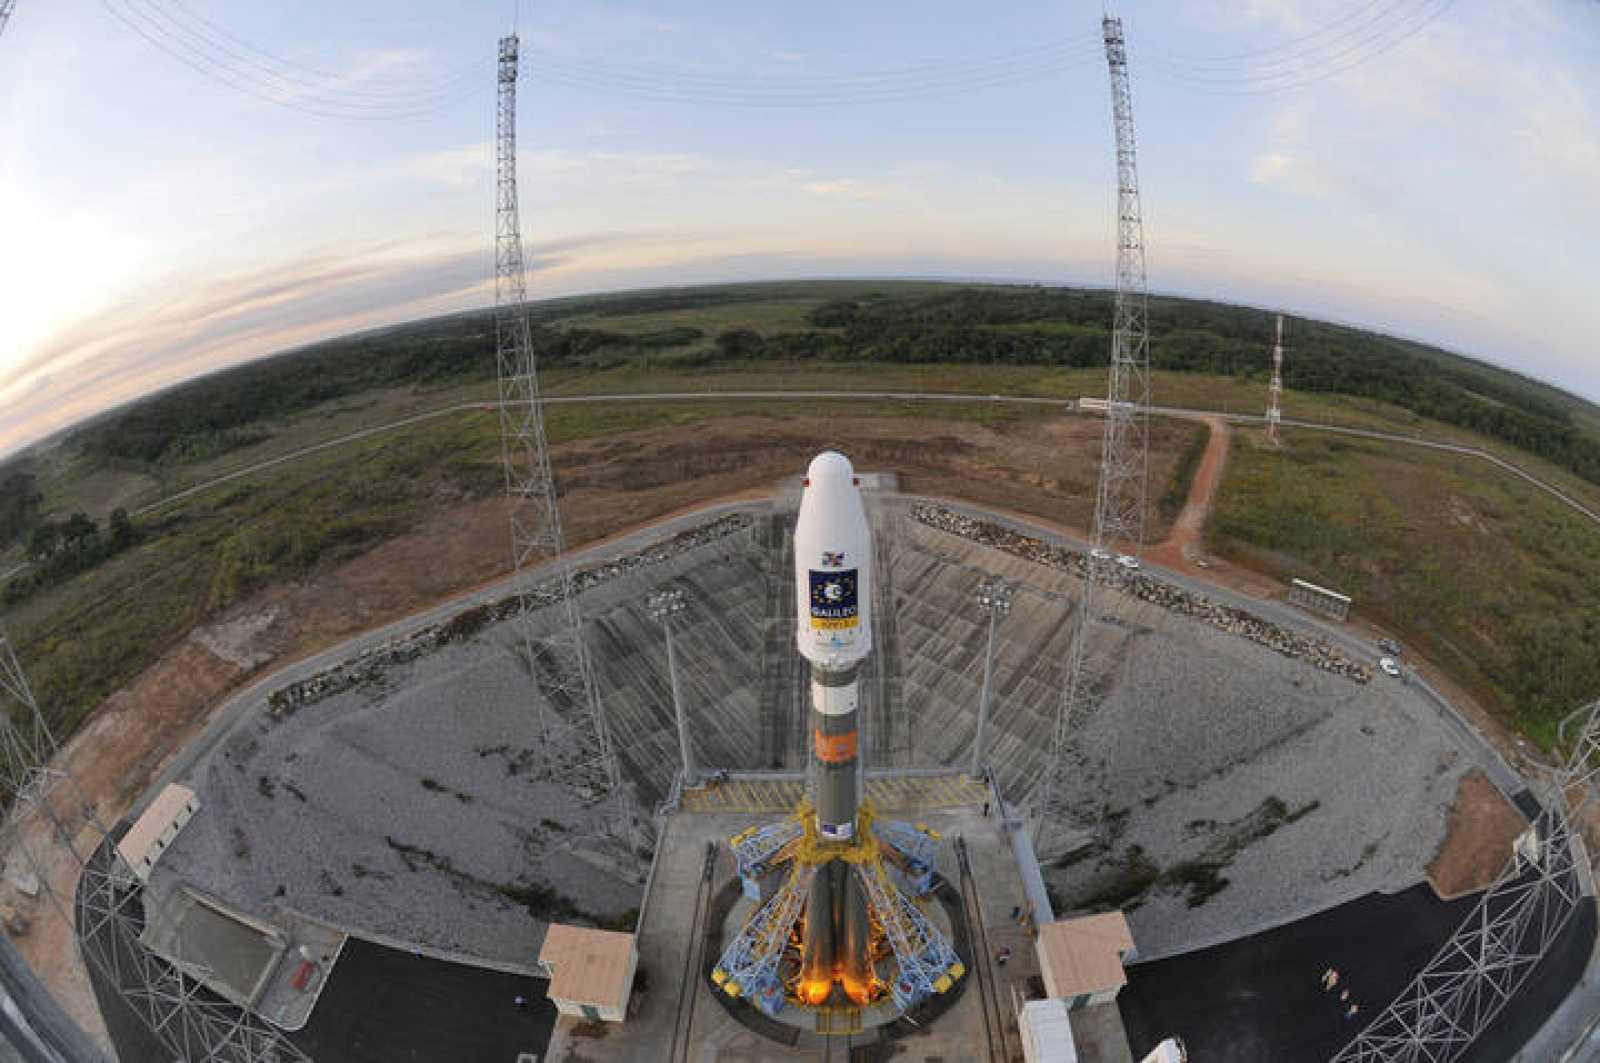 Uno de los satélites Galileo preparado para el lanzamiento